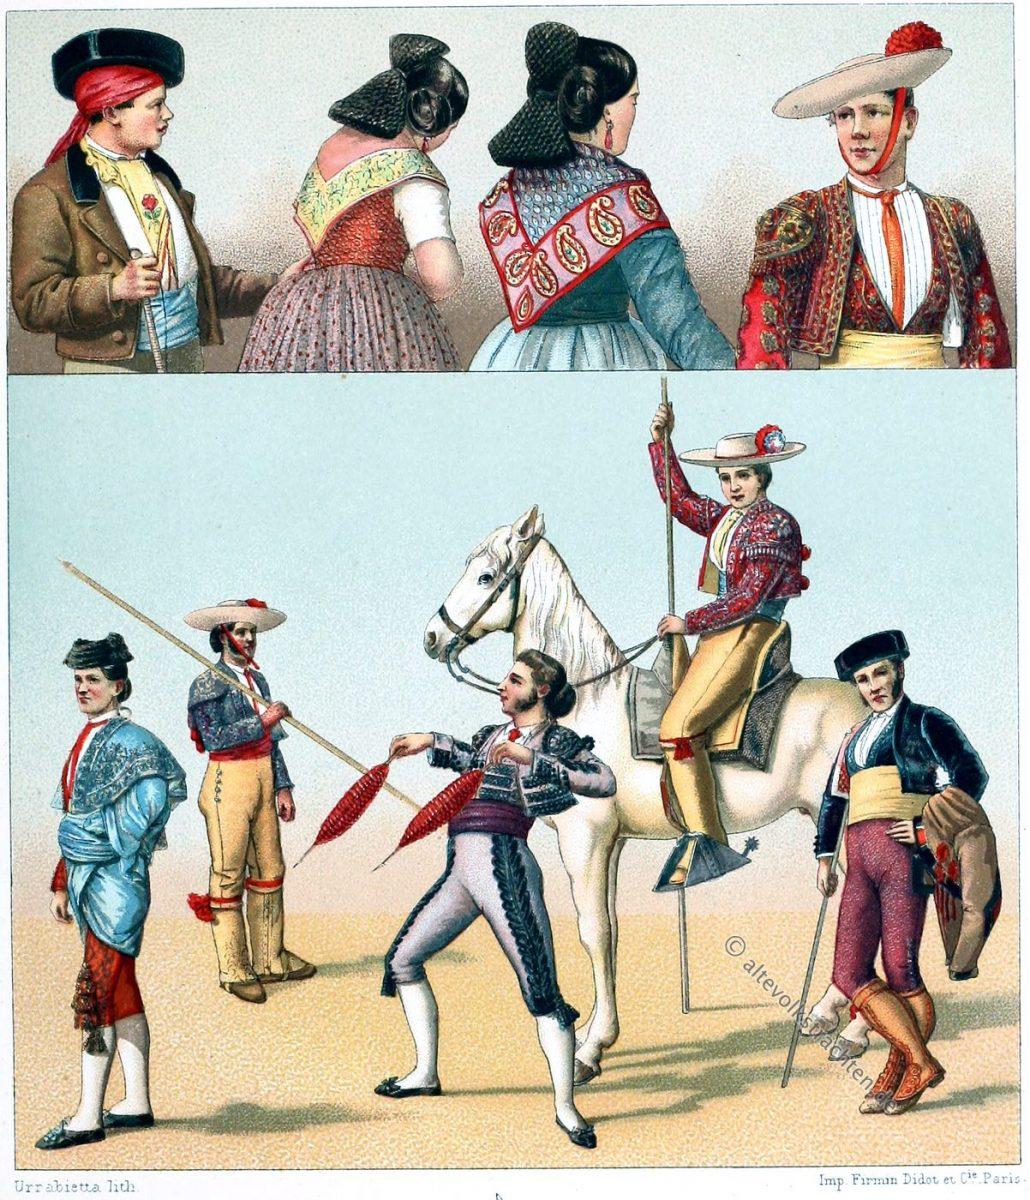 Torero, Picadores, Cuadrilla, Picador, Banderilleros, Palillos, Zarcillos, Rehiletes, Chulo, Gitano, Capeador